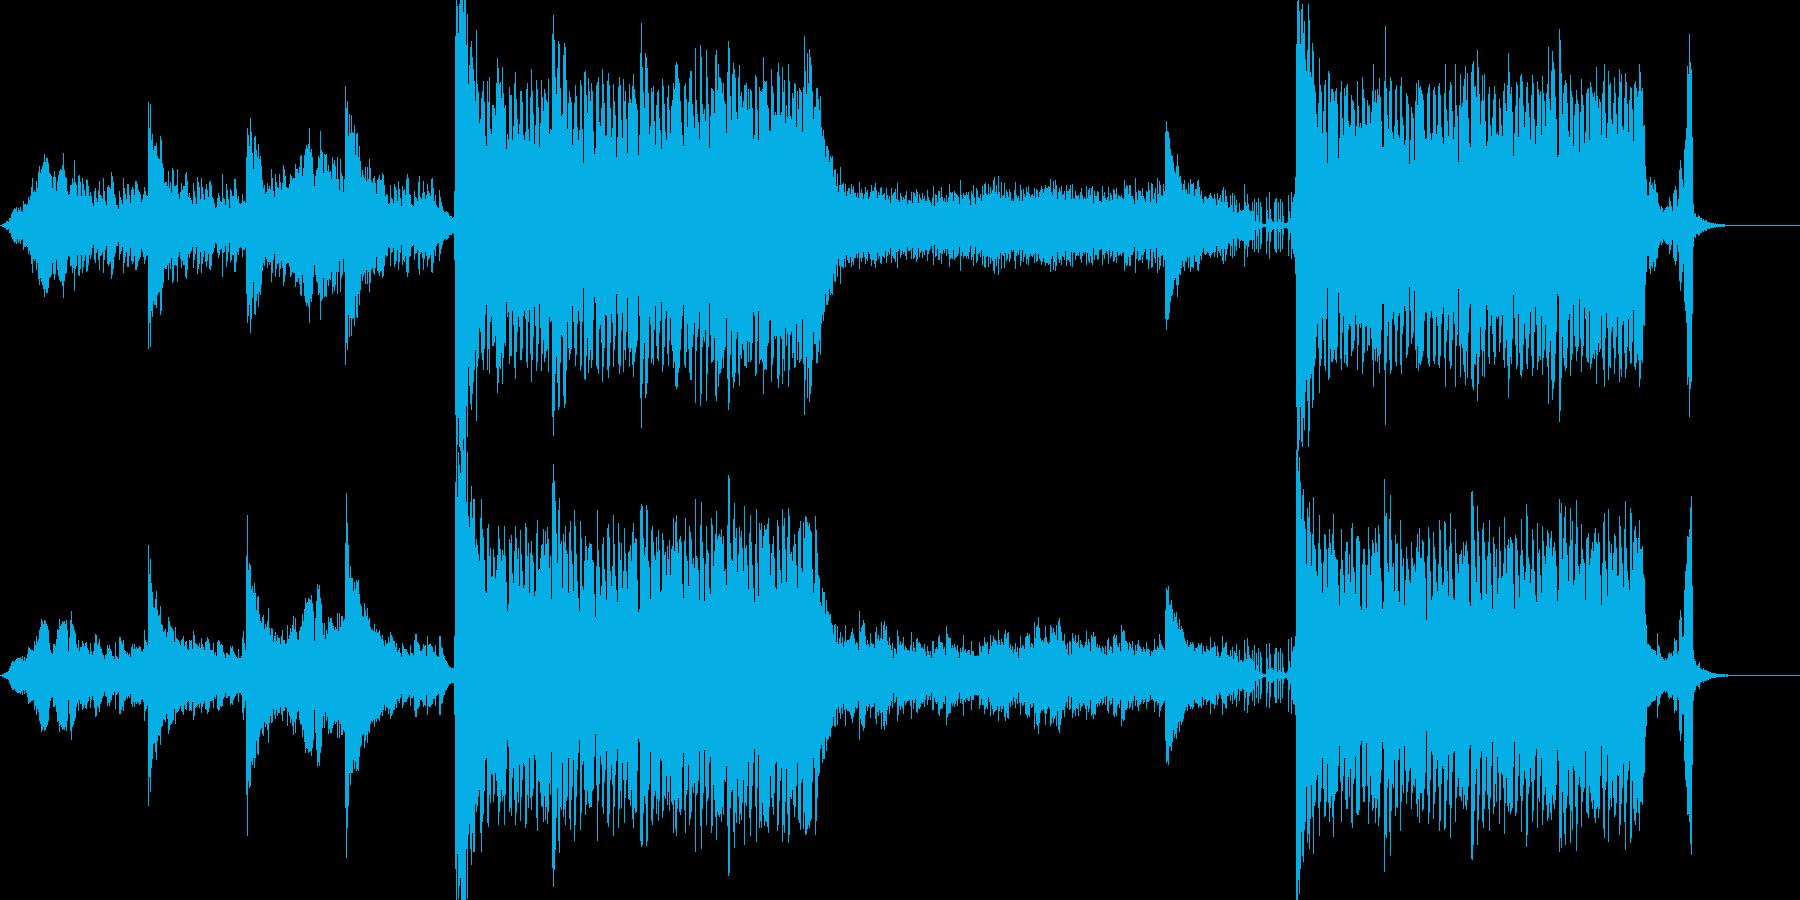 ダークで疾走感のある楽曲の再生済みの波形